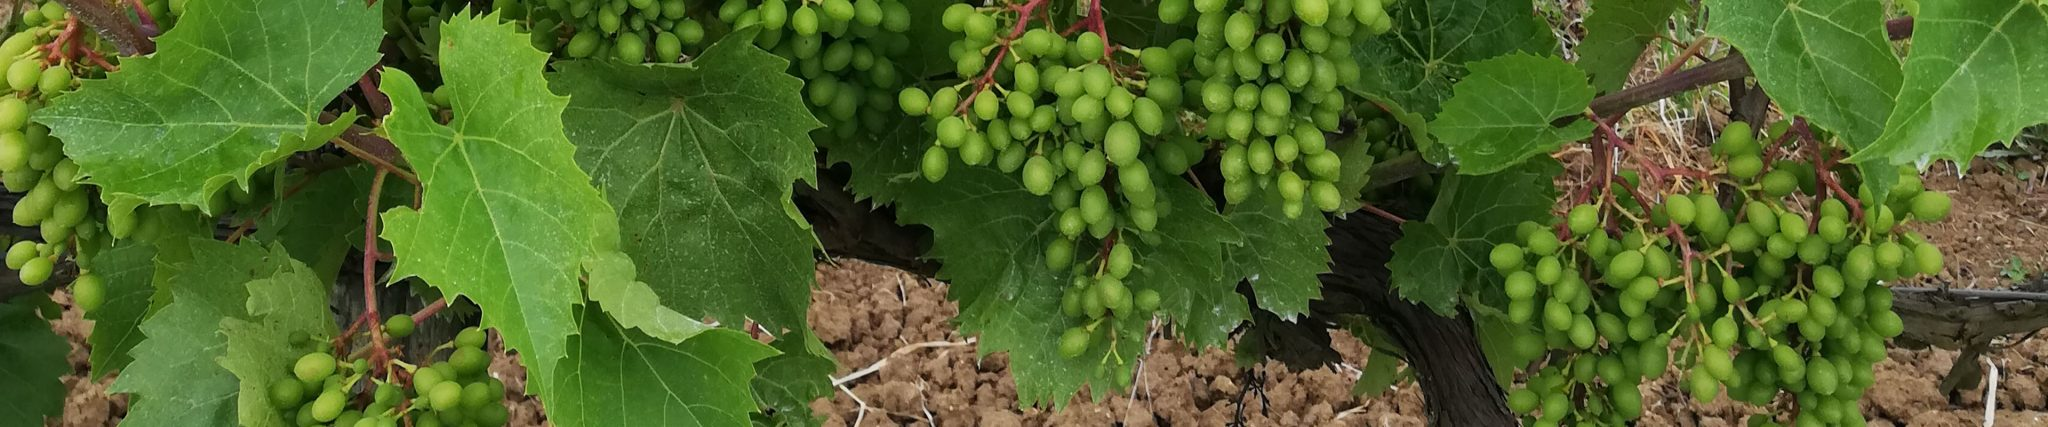 Raisins pour Vallée Verte, jus de fruits Terres du Sud